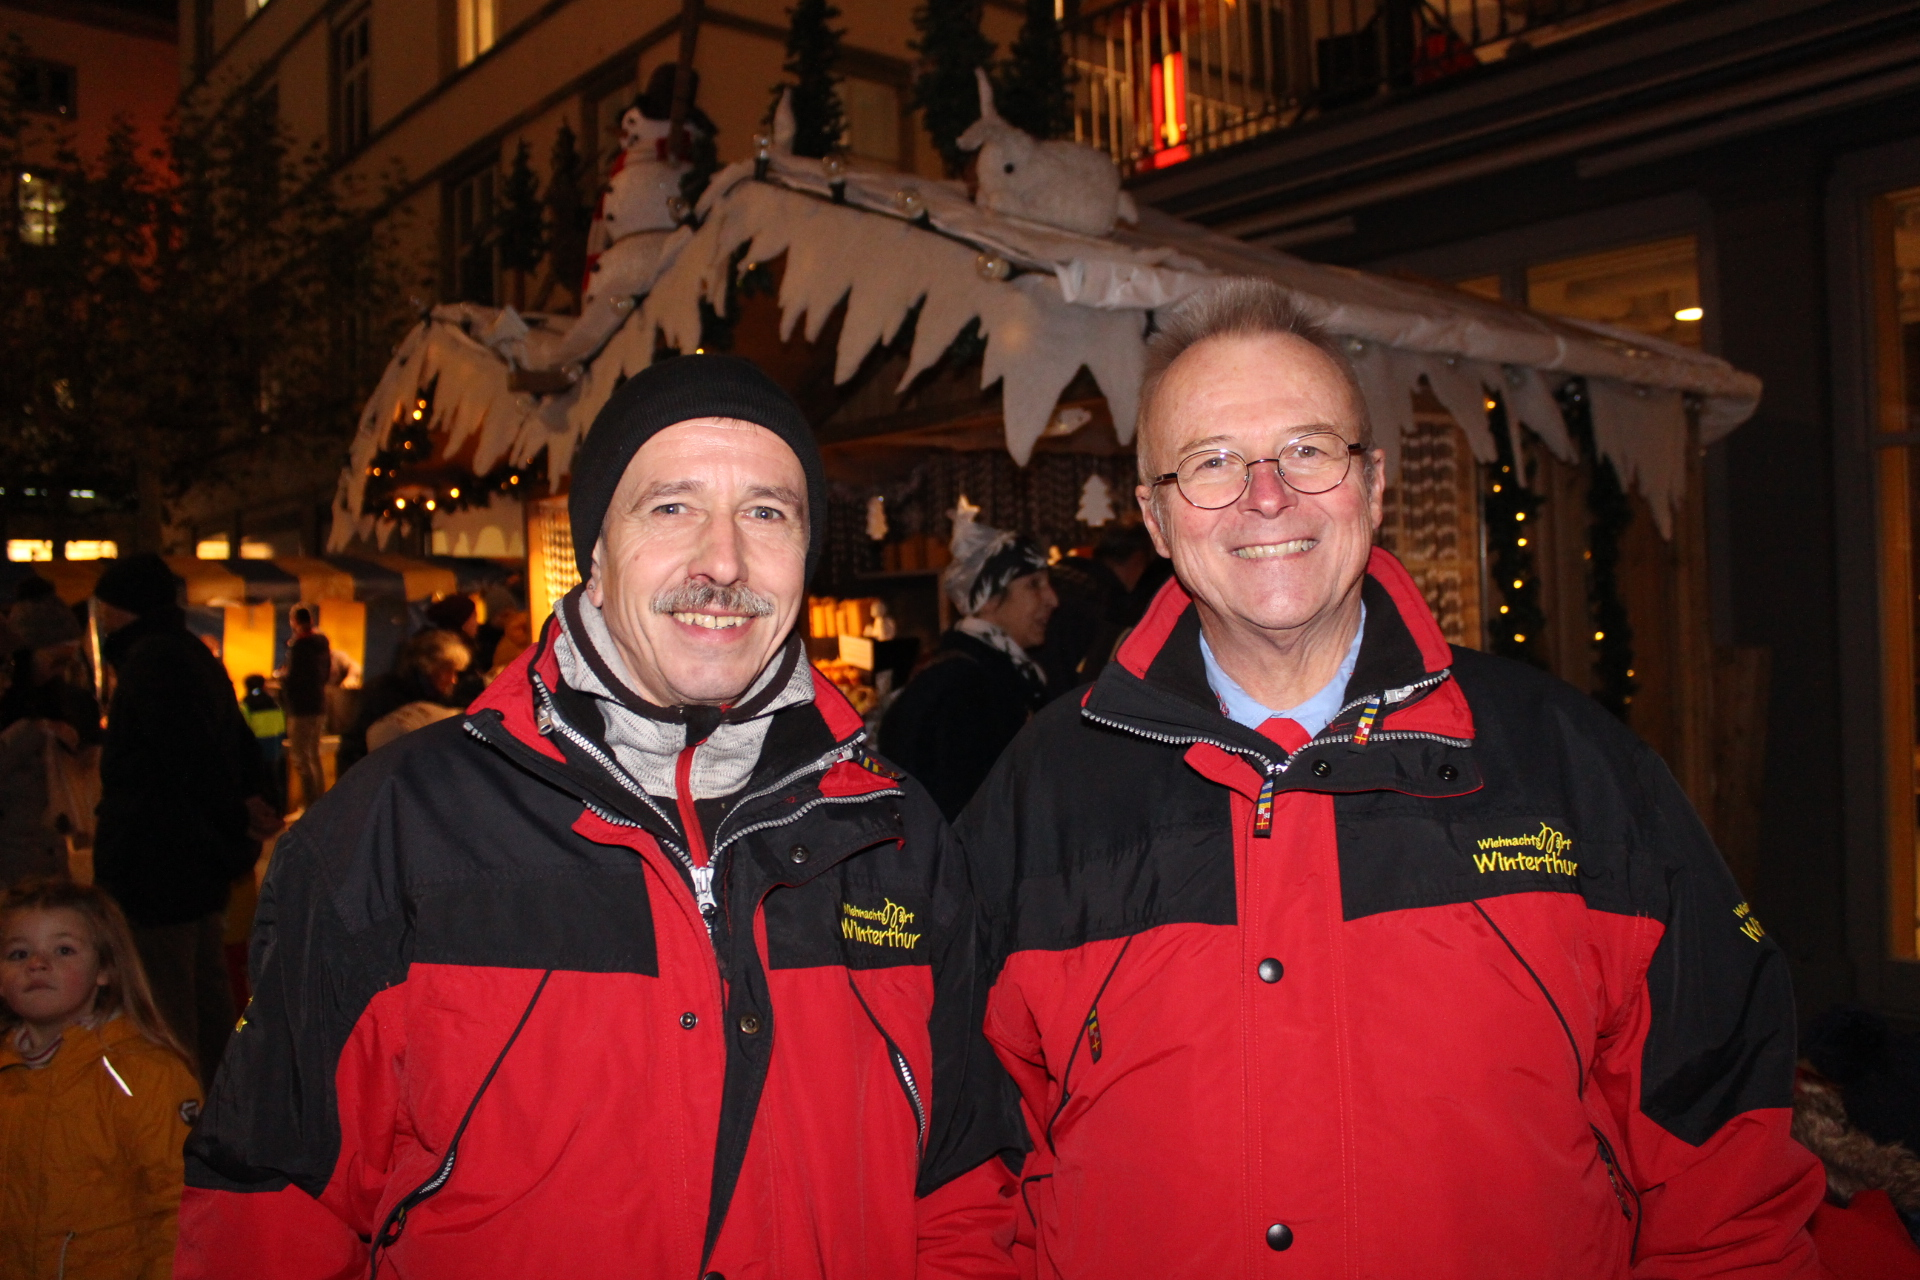 www.weihnachtinwinterthur.ch